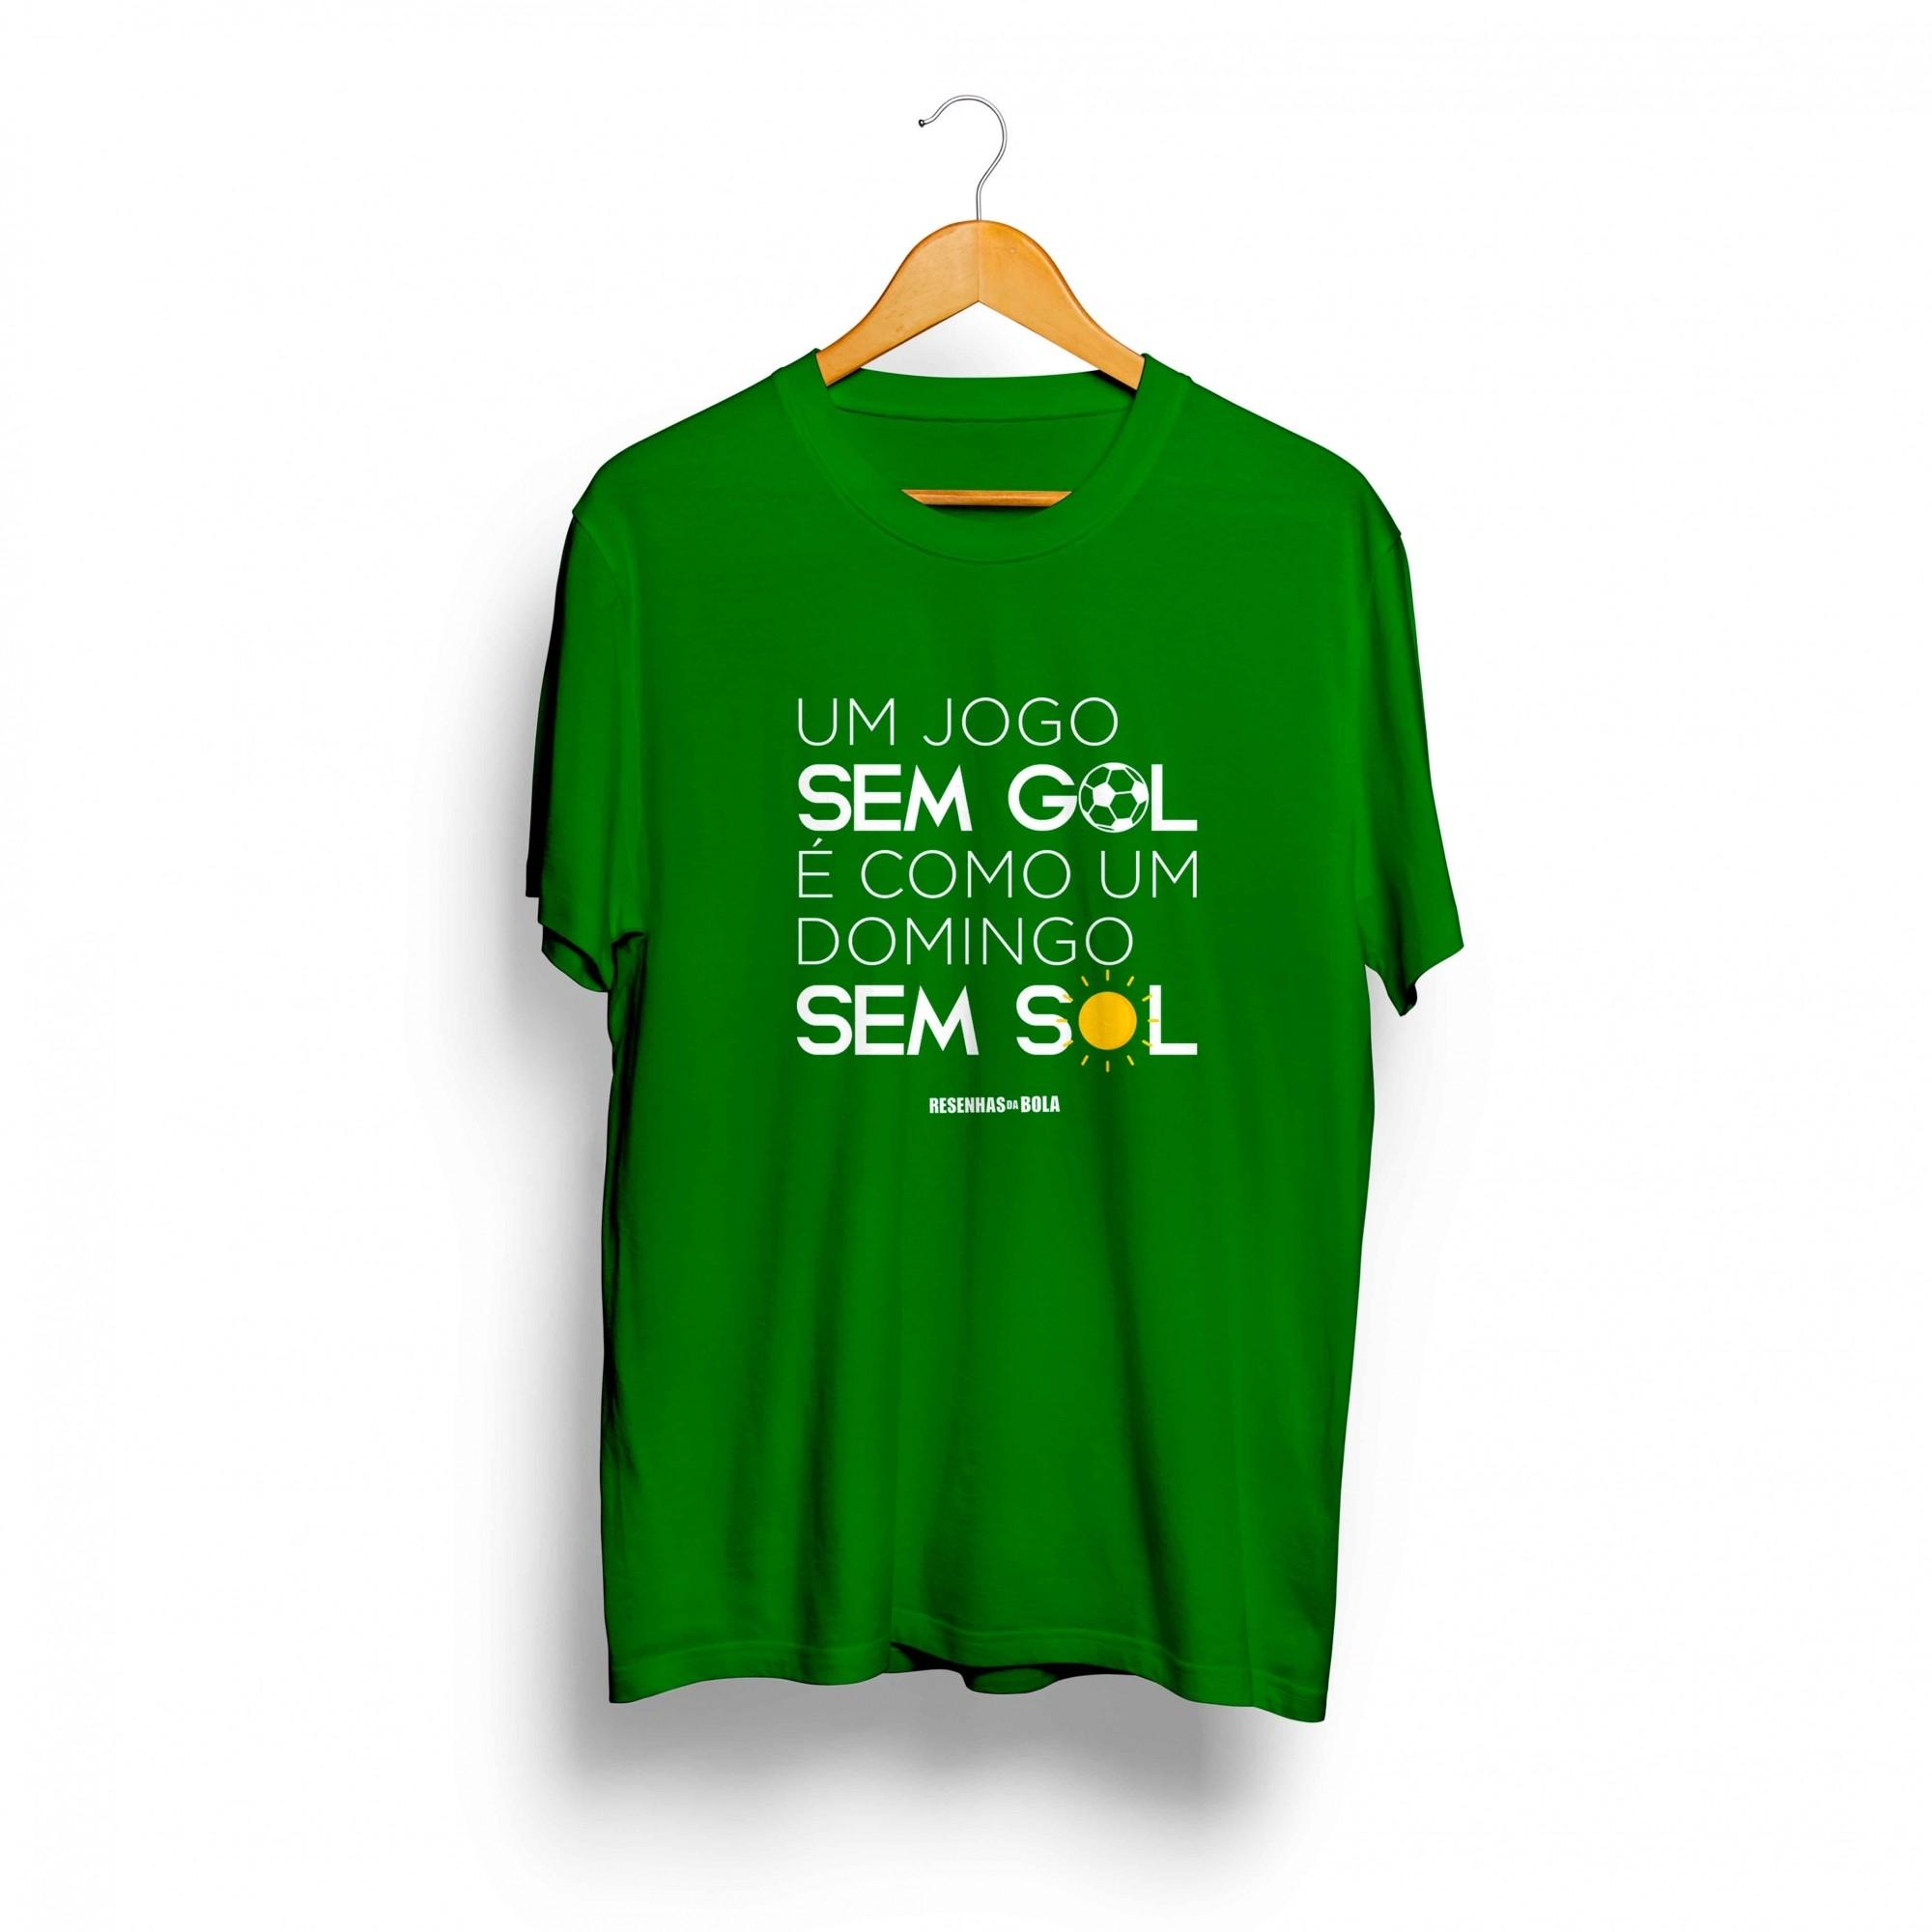 Camiseta - UM JOGO SEM GOL É COMO UM DOMINGO SEM SOL - Masculino